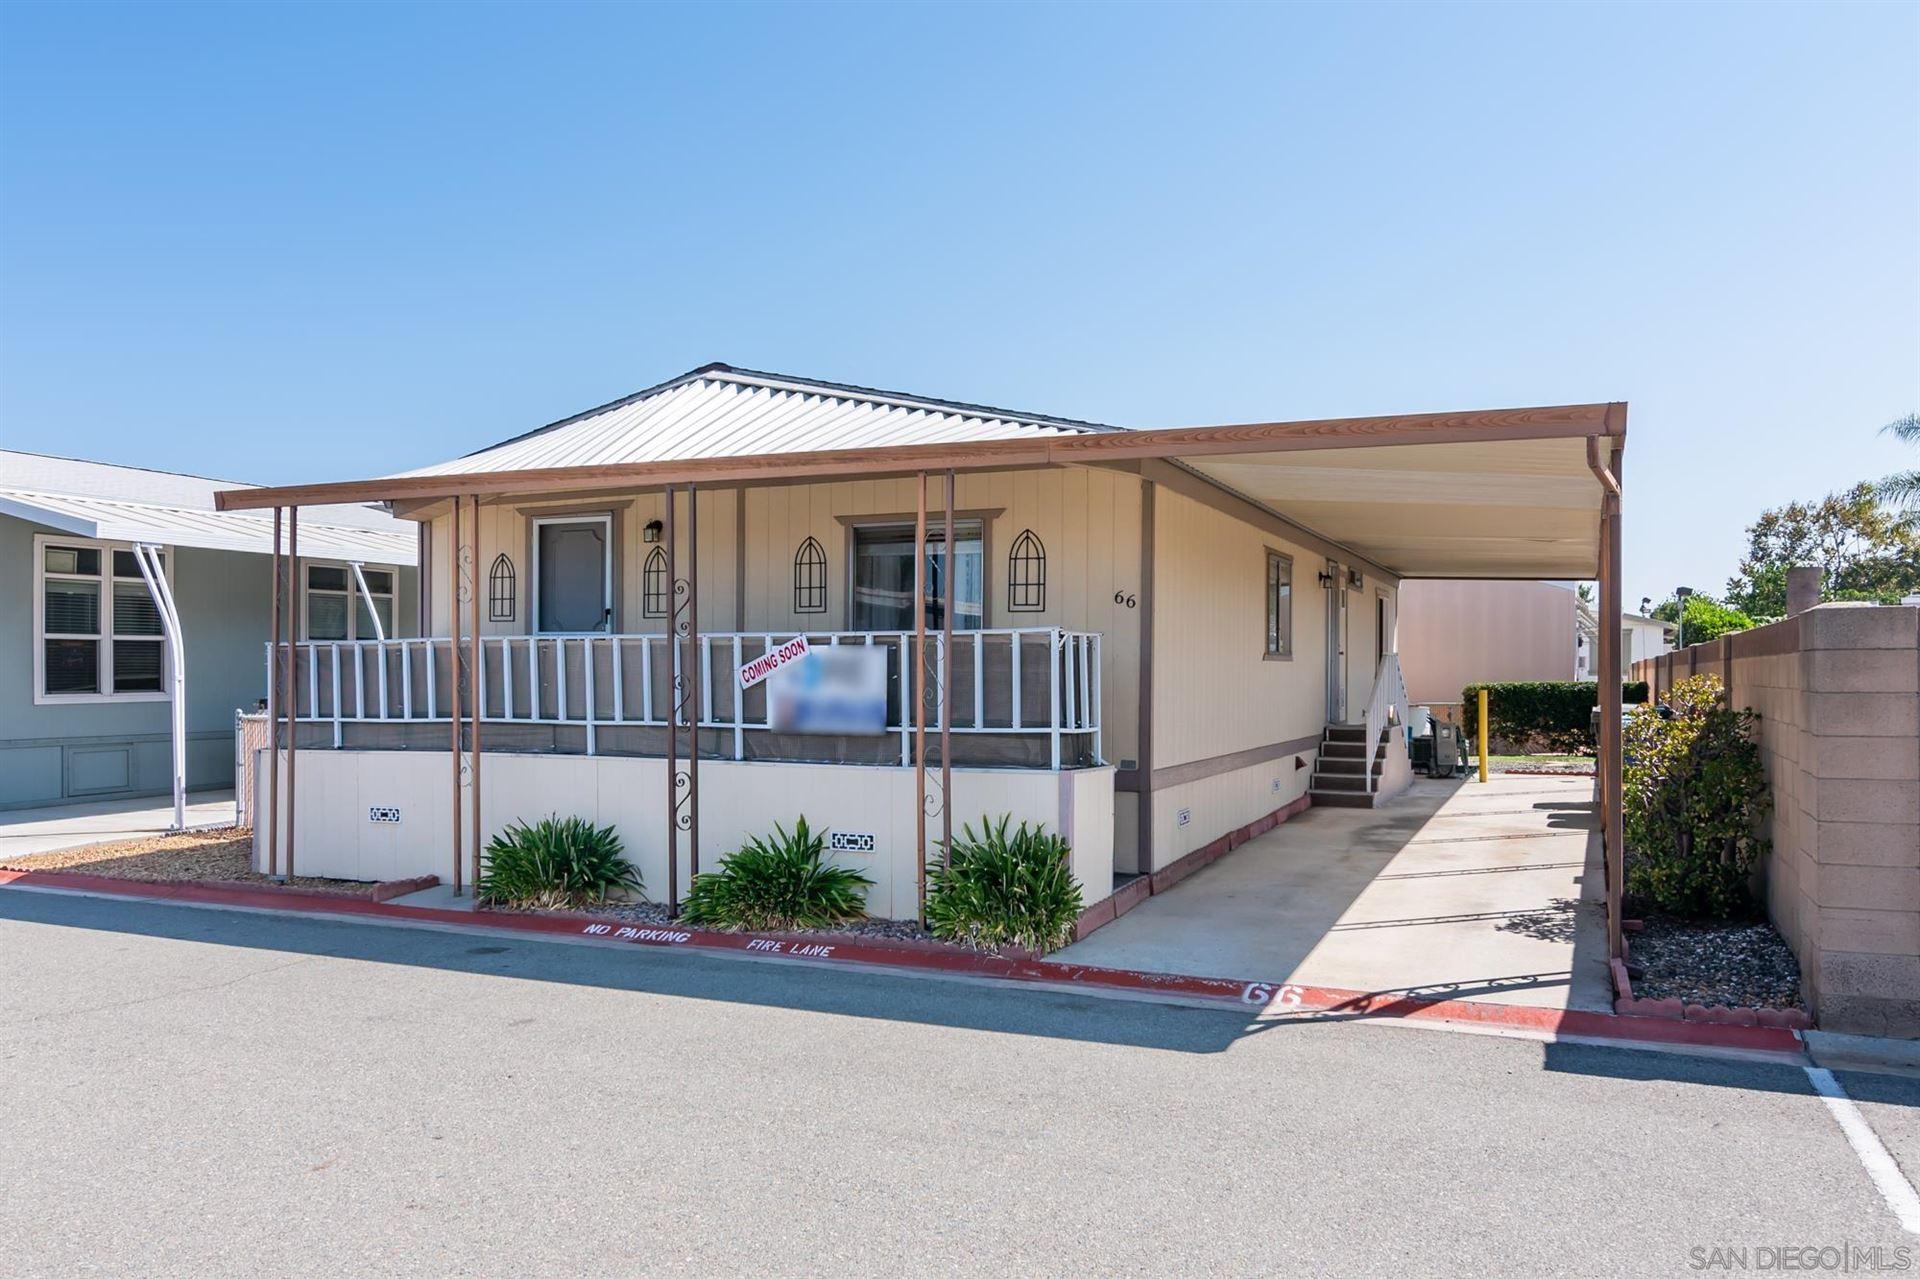 Photo of 4616 N River Road #66, Oceanside, CA 92056 (MLS # 210025734)